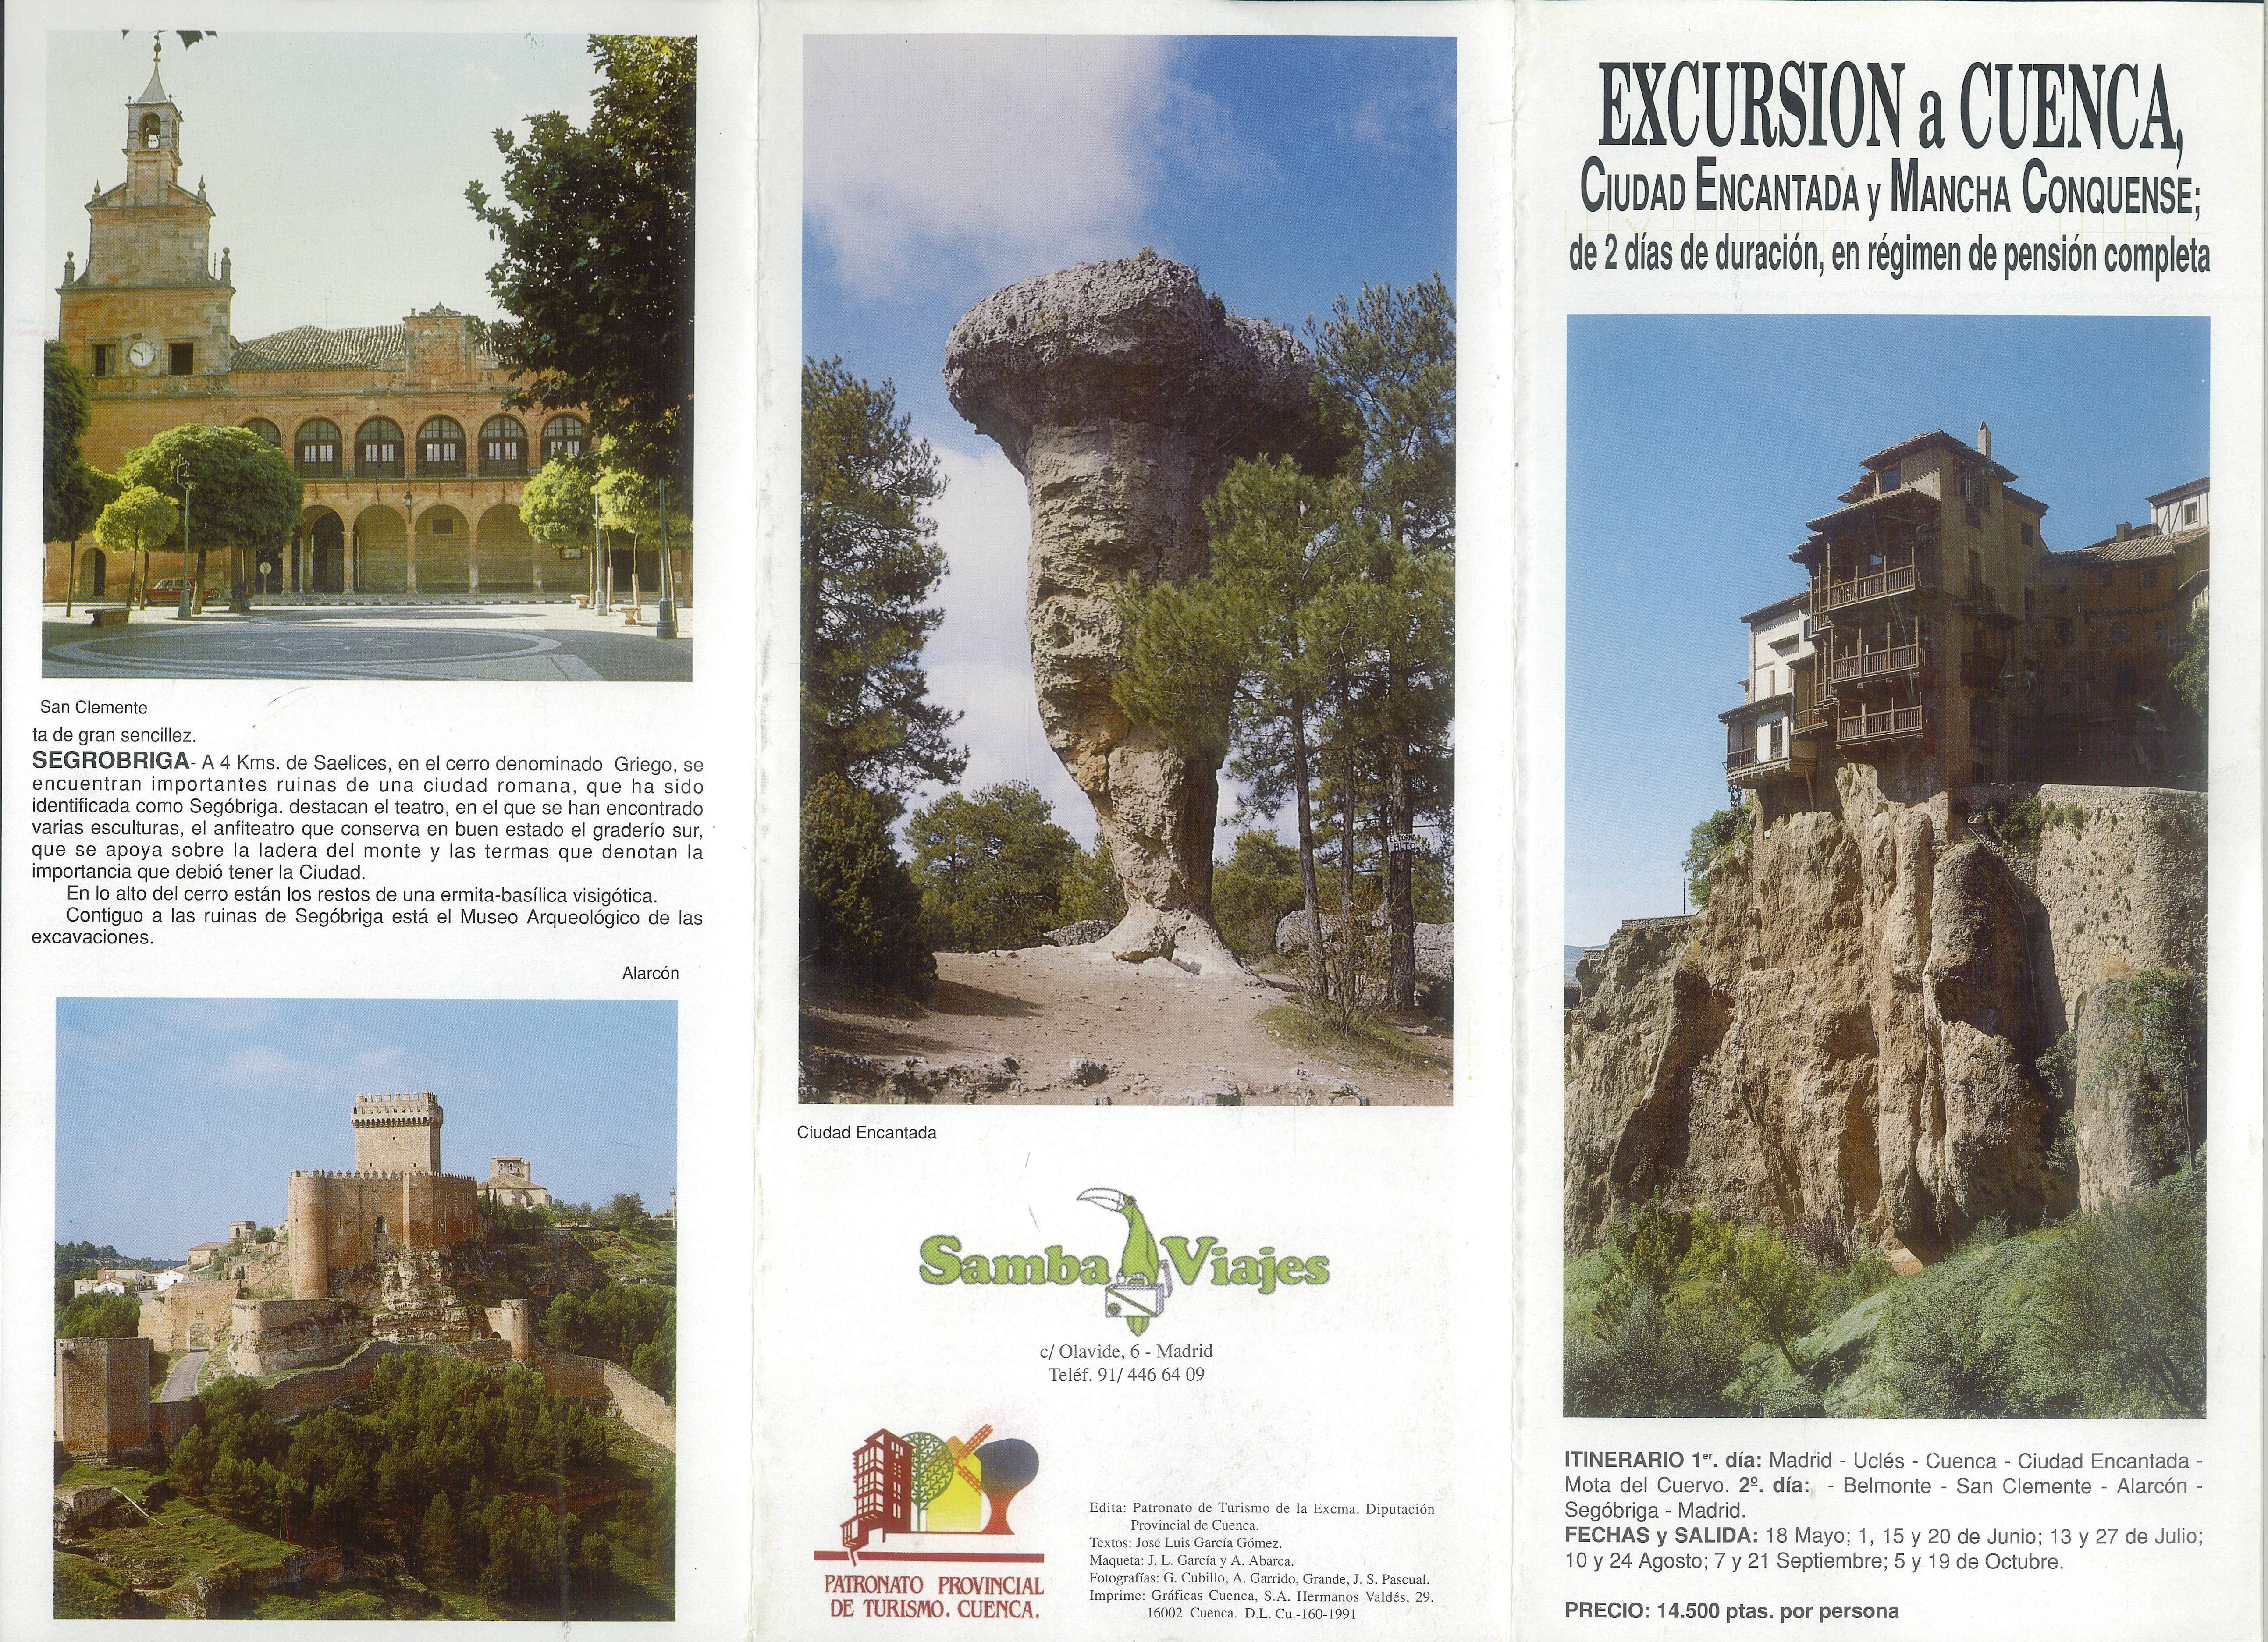 Folleto Turístico De Cuenca Con Propuesta De Excursión A Cuenca En 2 Días Patronato Provincial De Turismo De La Diputación Natural Landmarks Travel Landmarks